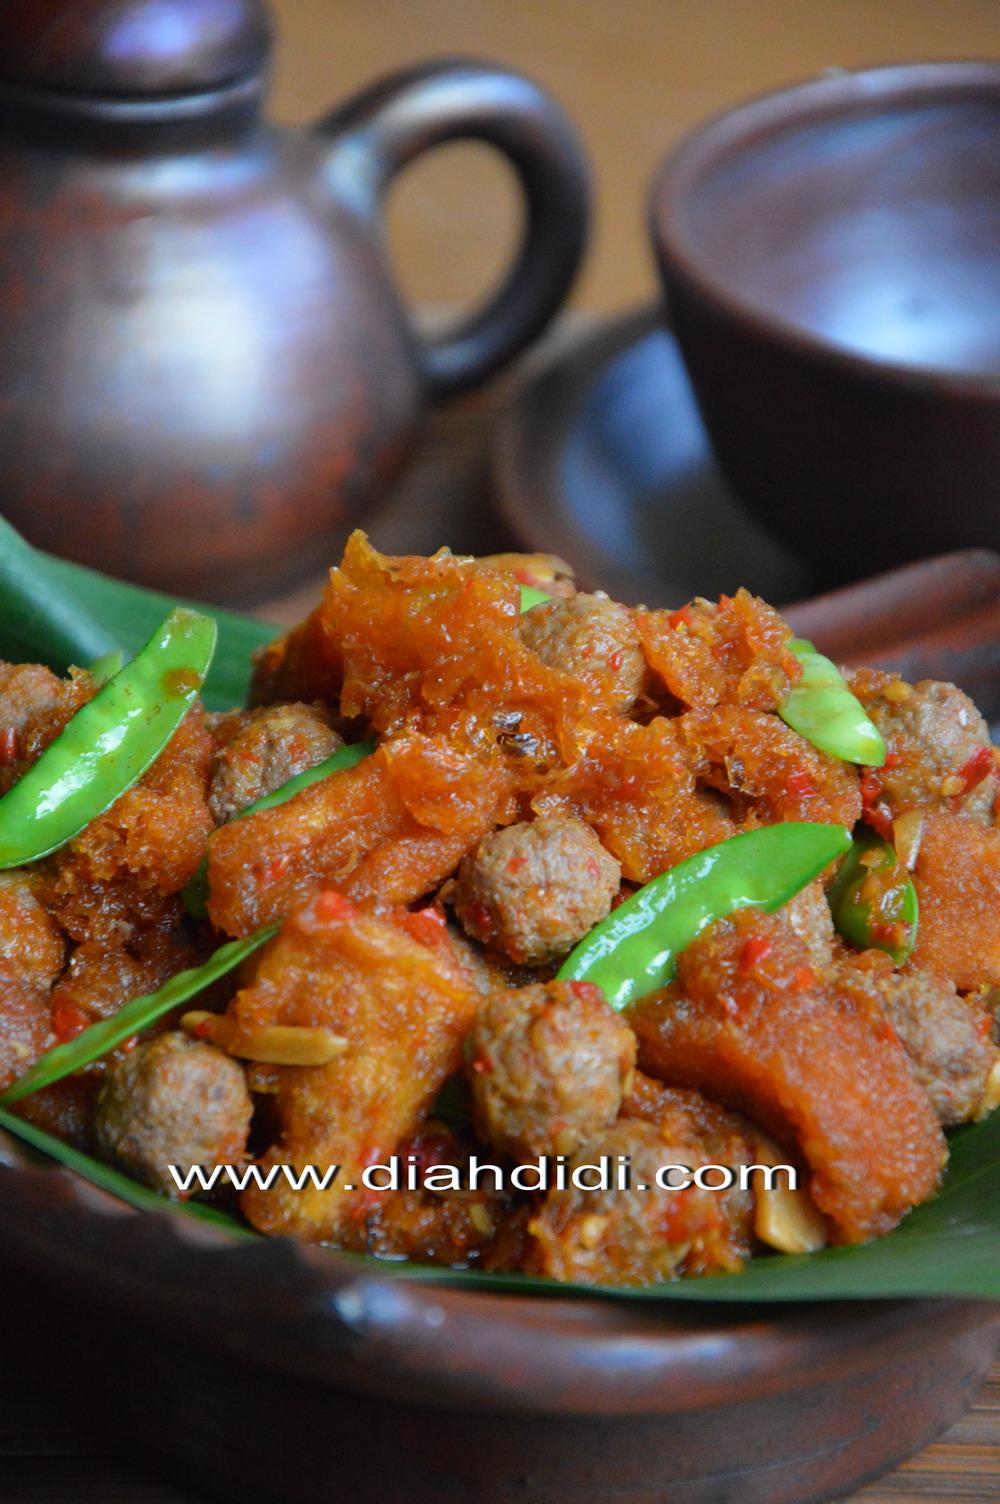 Resep Sambal Goreng Daging : resep, sambal, goreng, daging, Didi's, Kitchen:, Inspirasi, Puasa, Lebaran..Sambel, Goreng, Kreni, Yogya